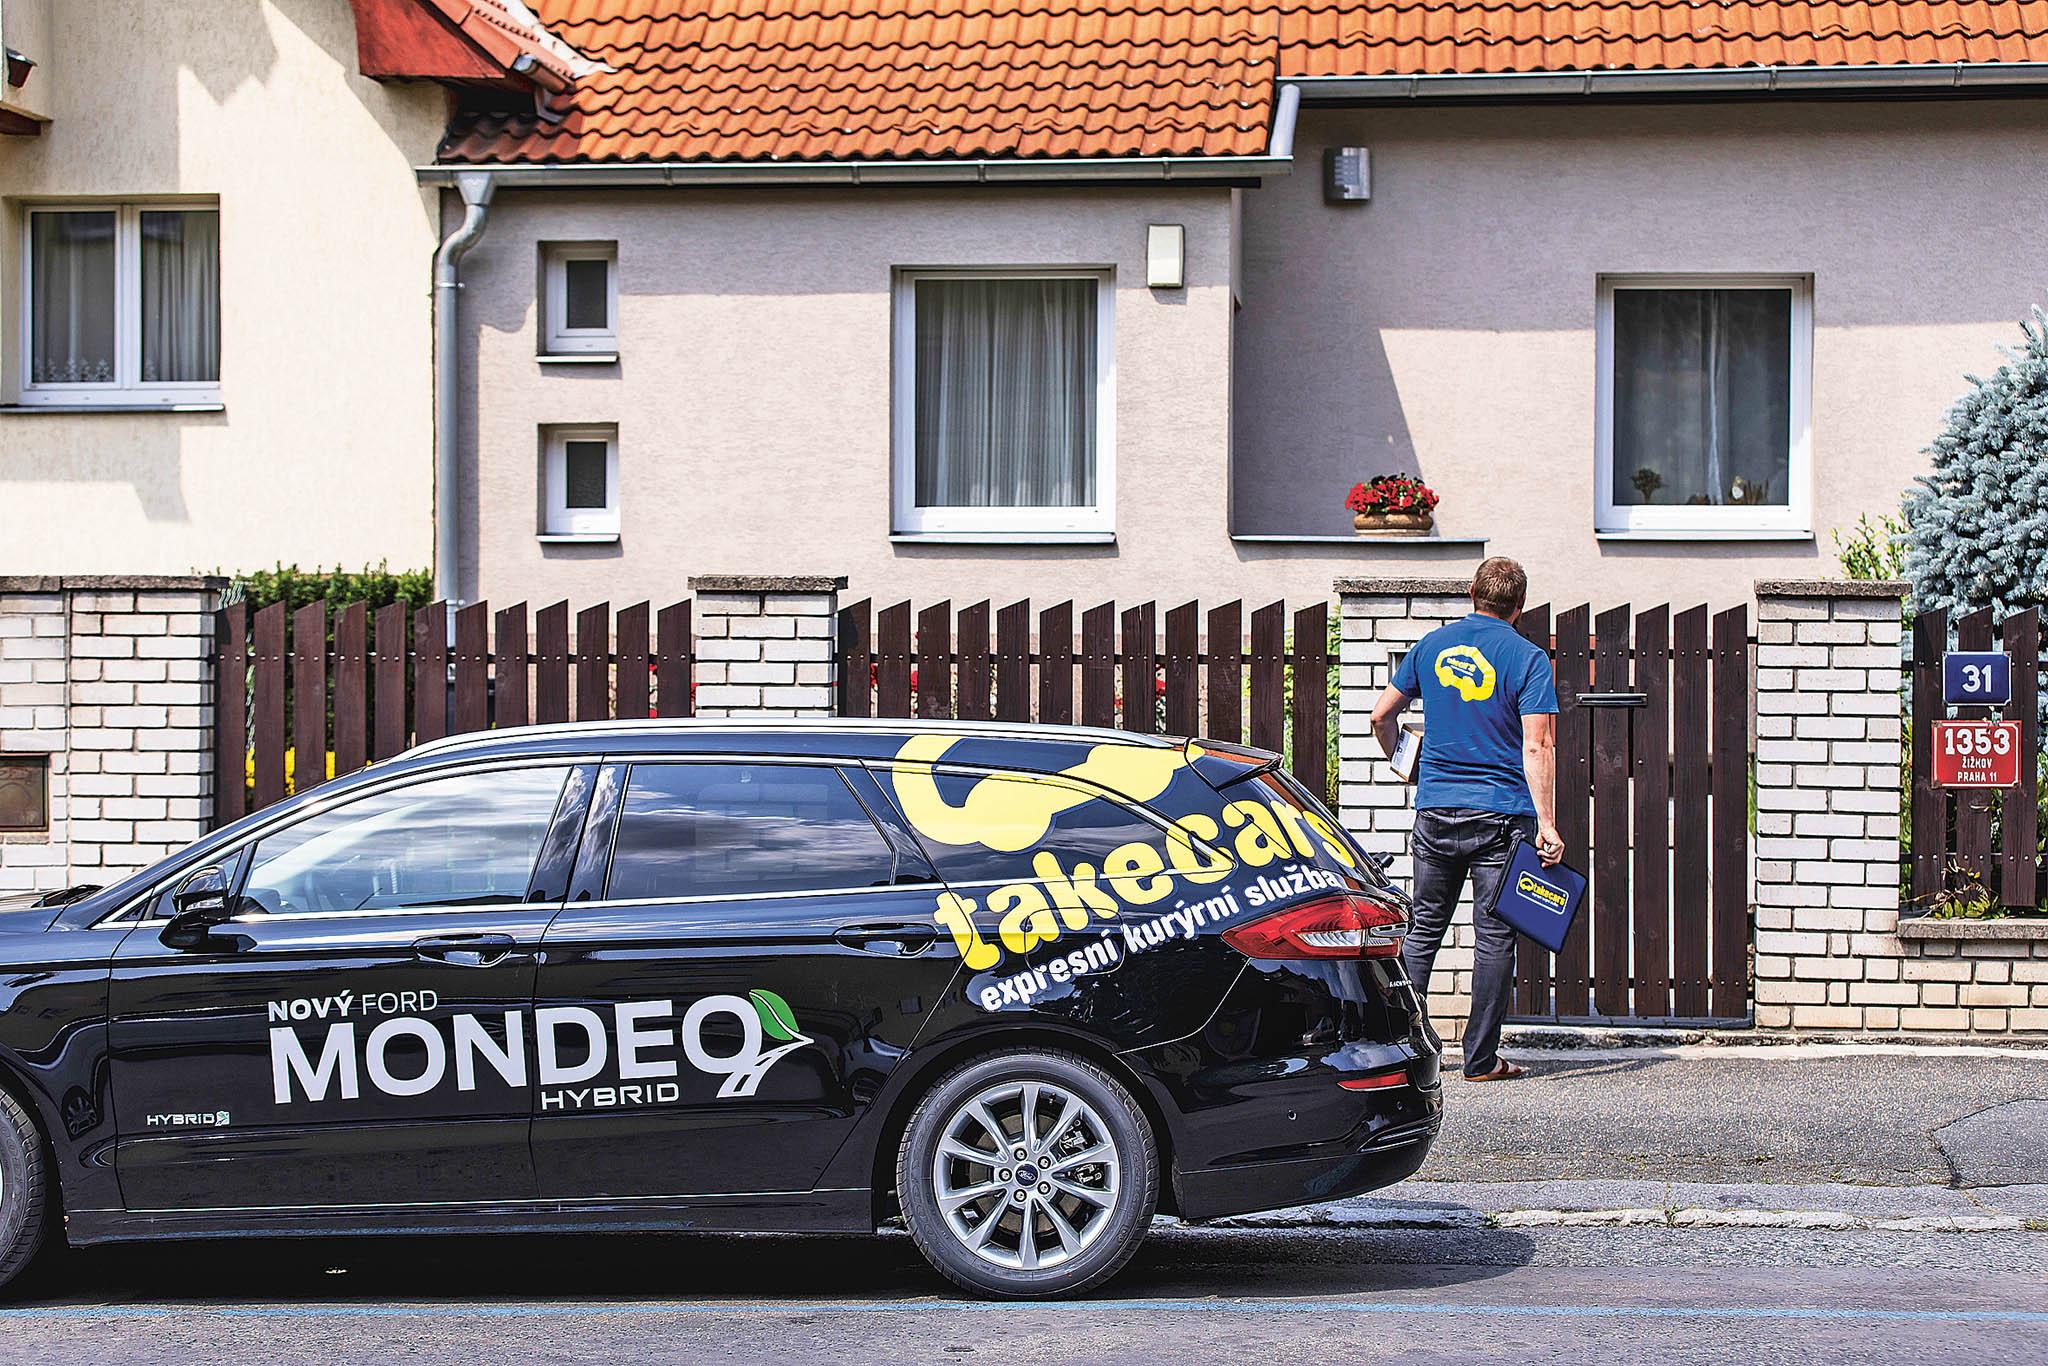 Česká pobočka Fordu otestovala ve spolupráci s firmou Takecars nové hybridní Mondeo kombi HEV v kurýrním provozu.